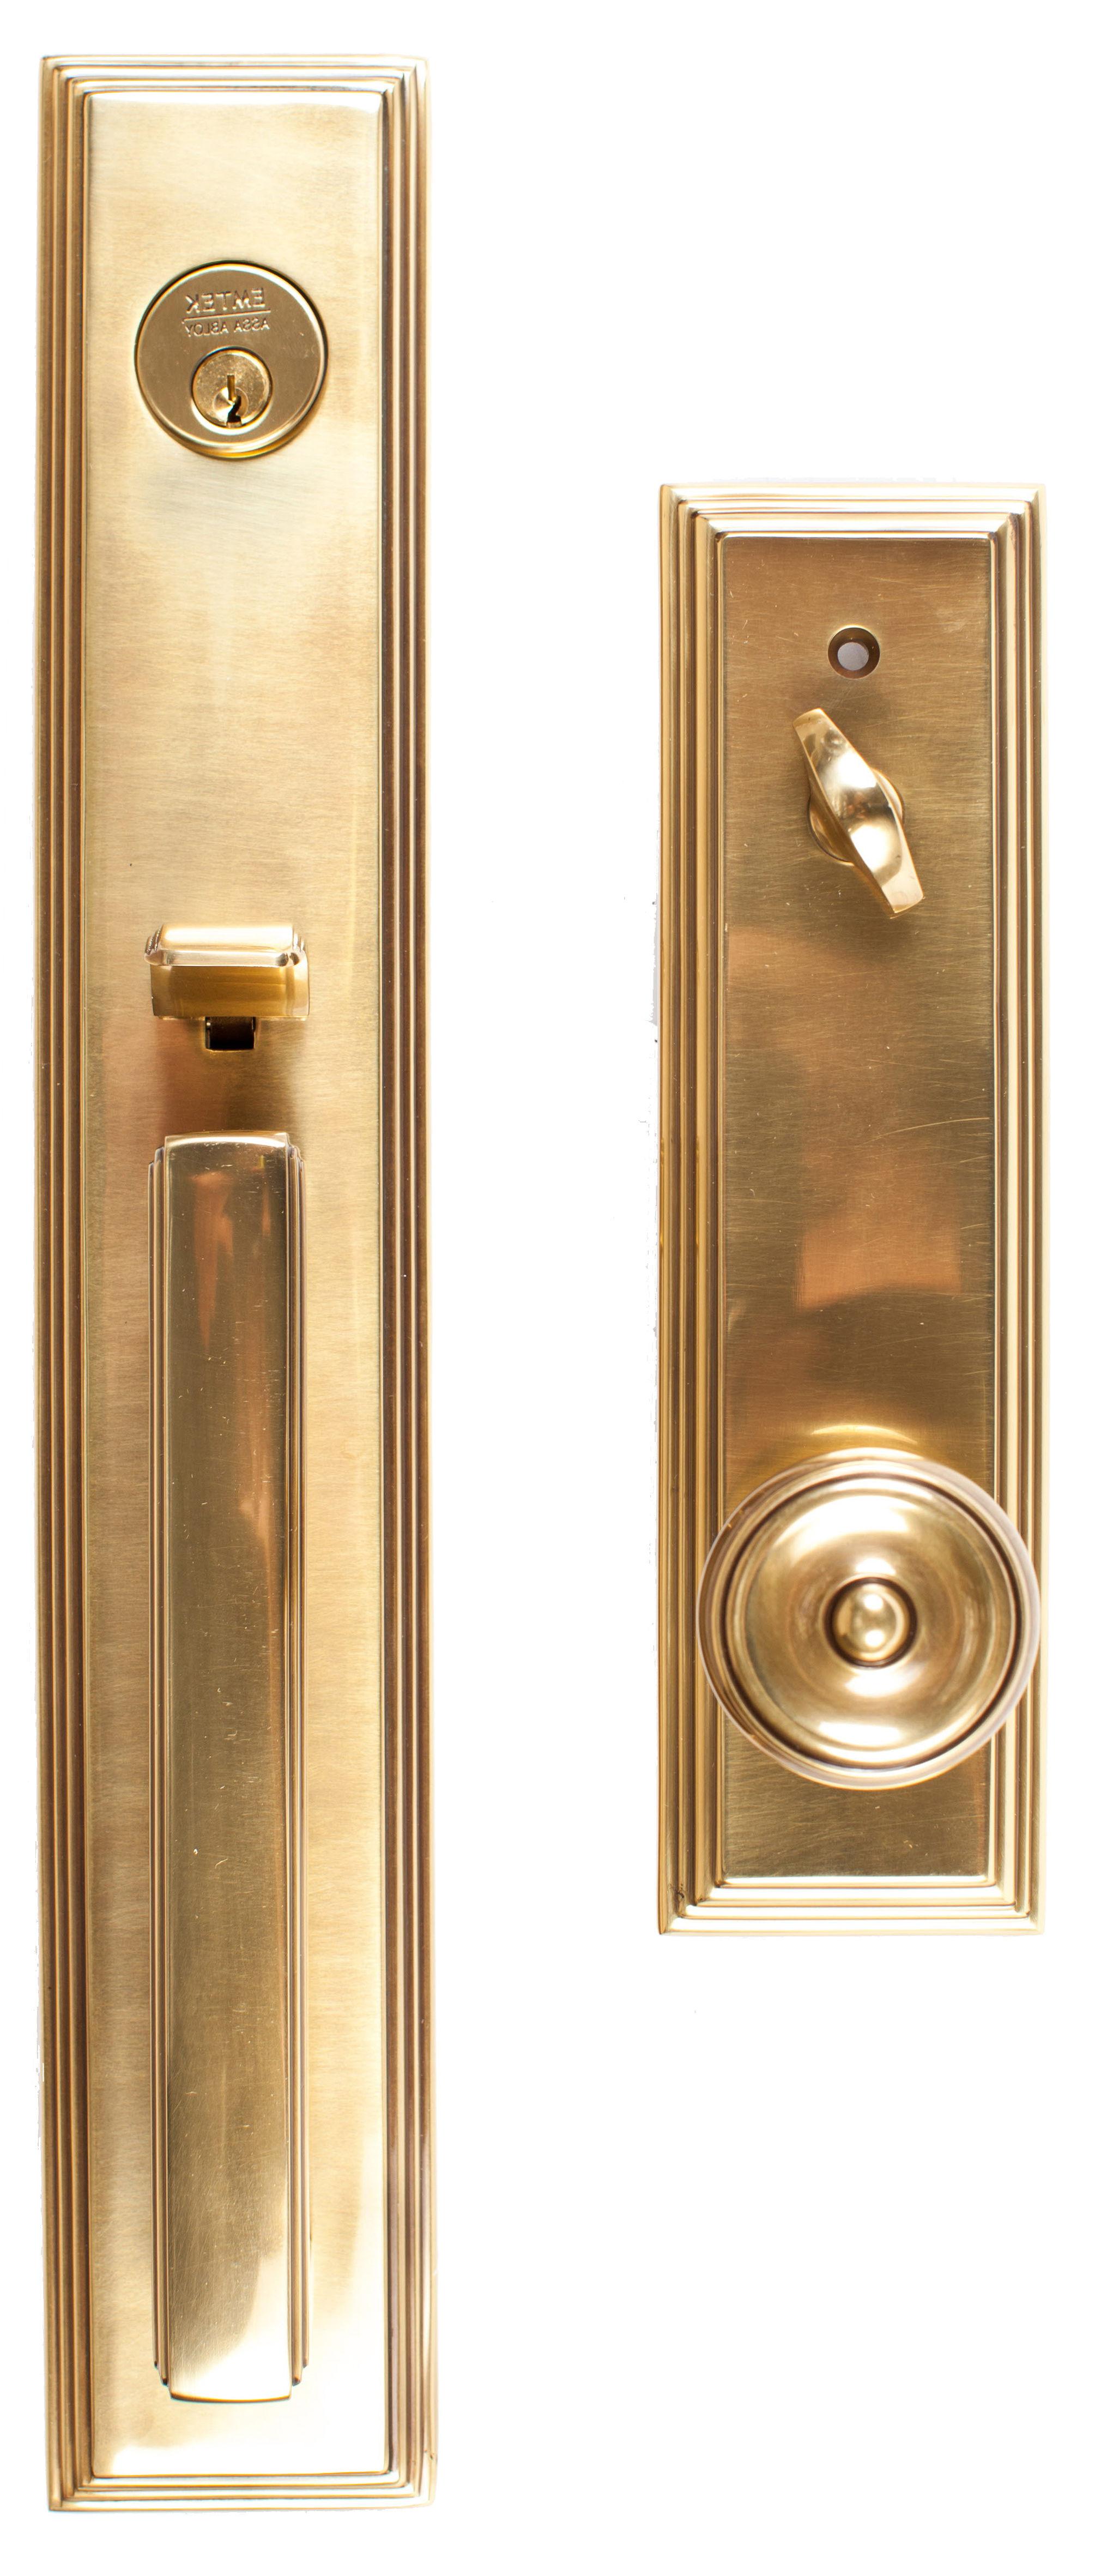 Emtek 4212us7 french antique melrose single cylinder keyed entry emtek 4212us7 french antique melrose single cylinder keyed entry handleset from the brass modern collection handlesets rubansaba